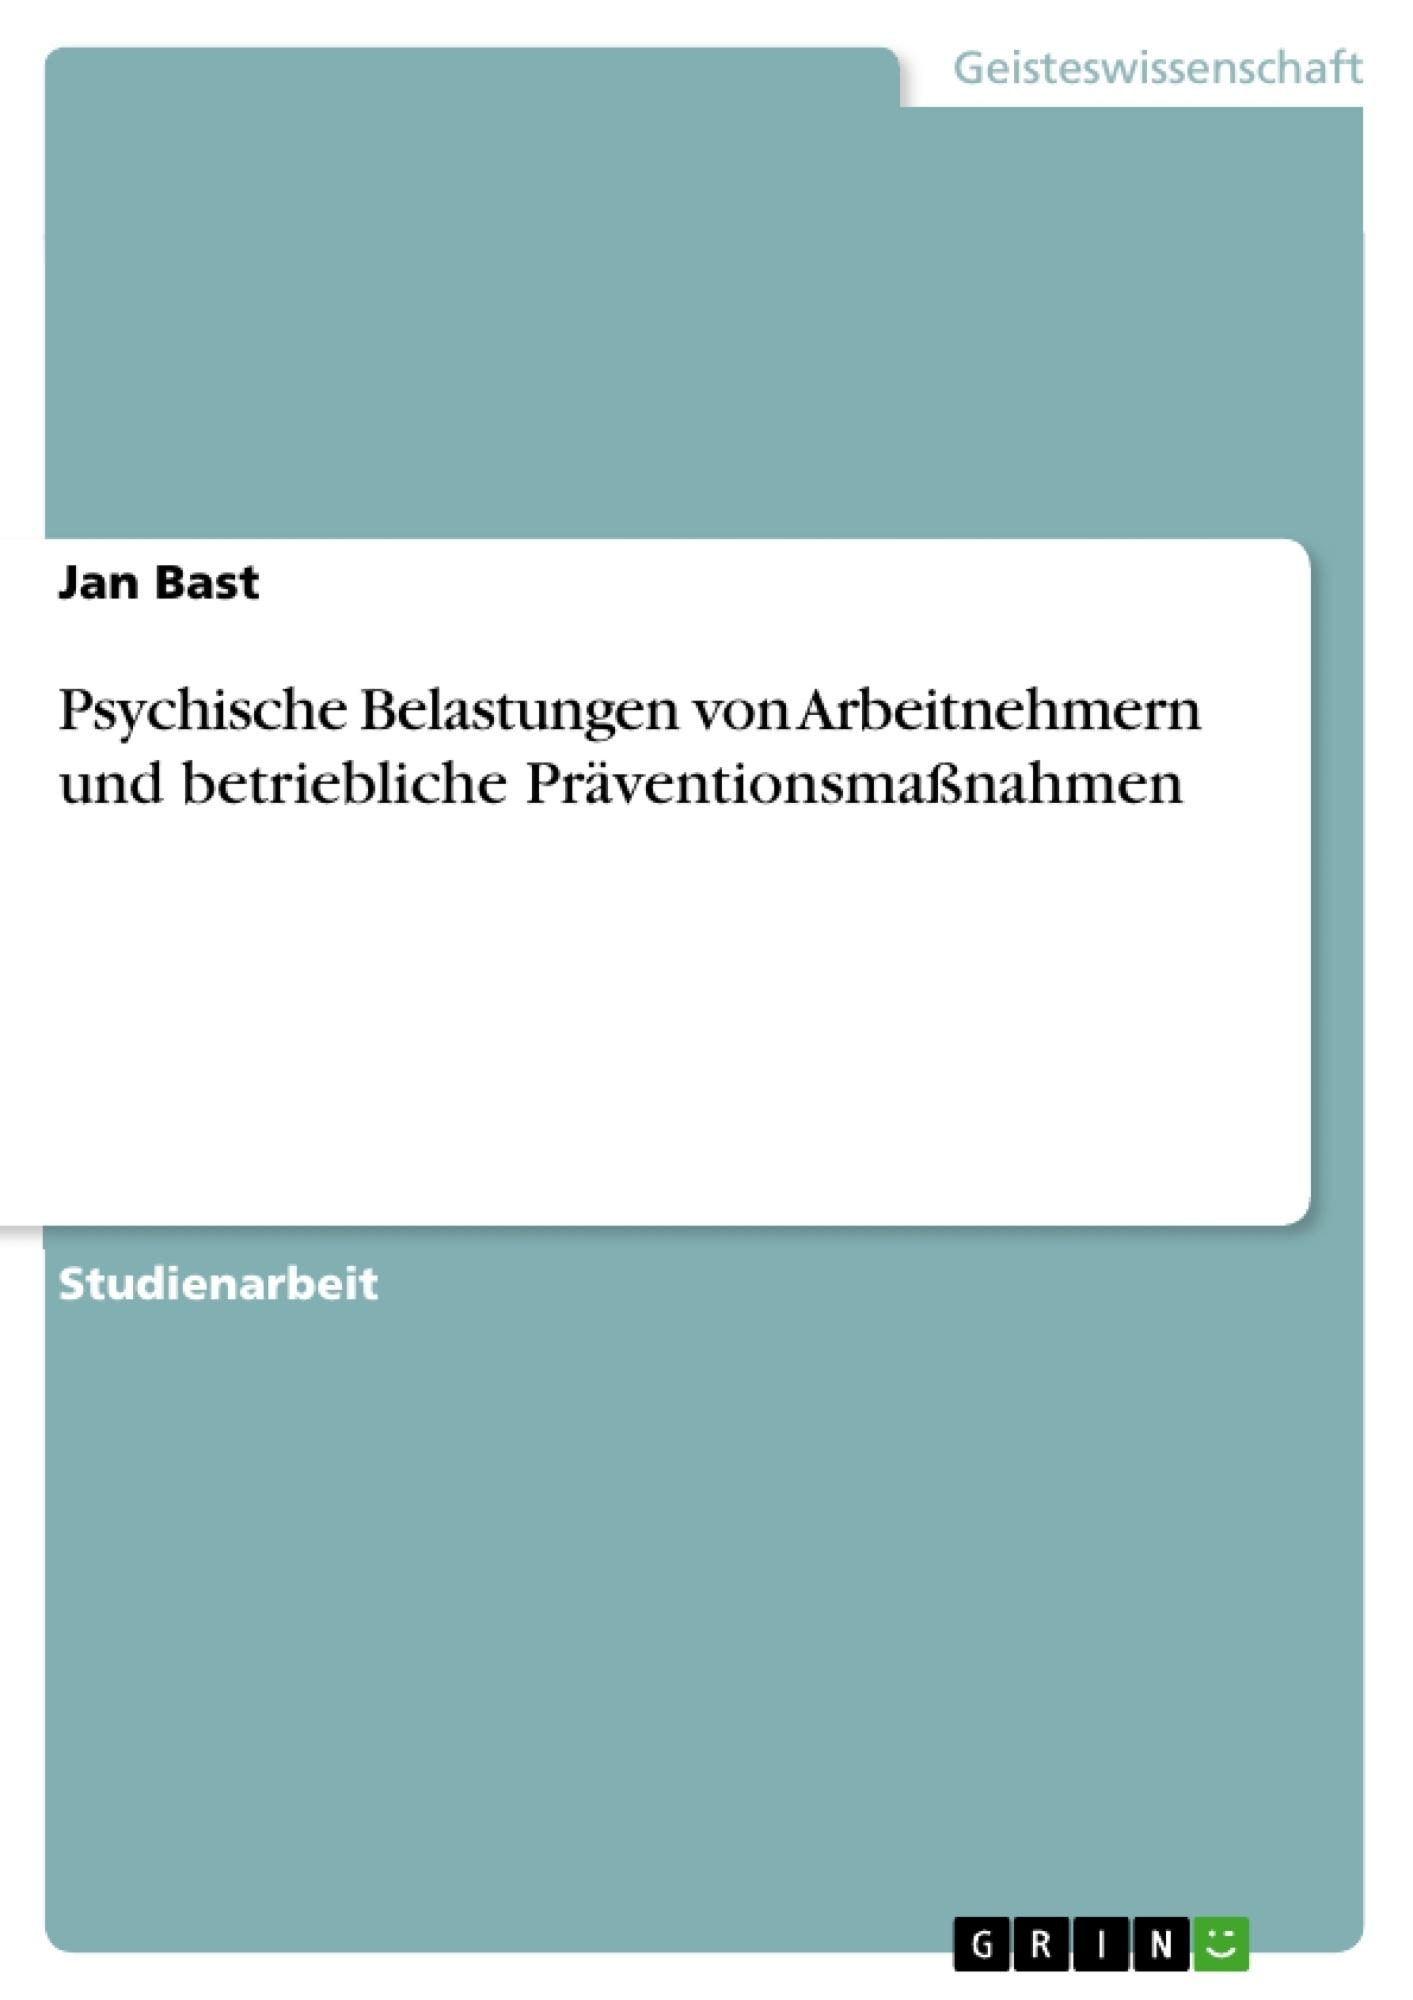 Titel: Psychische Belastungen von Arbeitnehmern und betriebliche Präventionsmaßnahmen